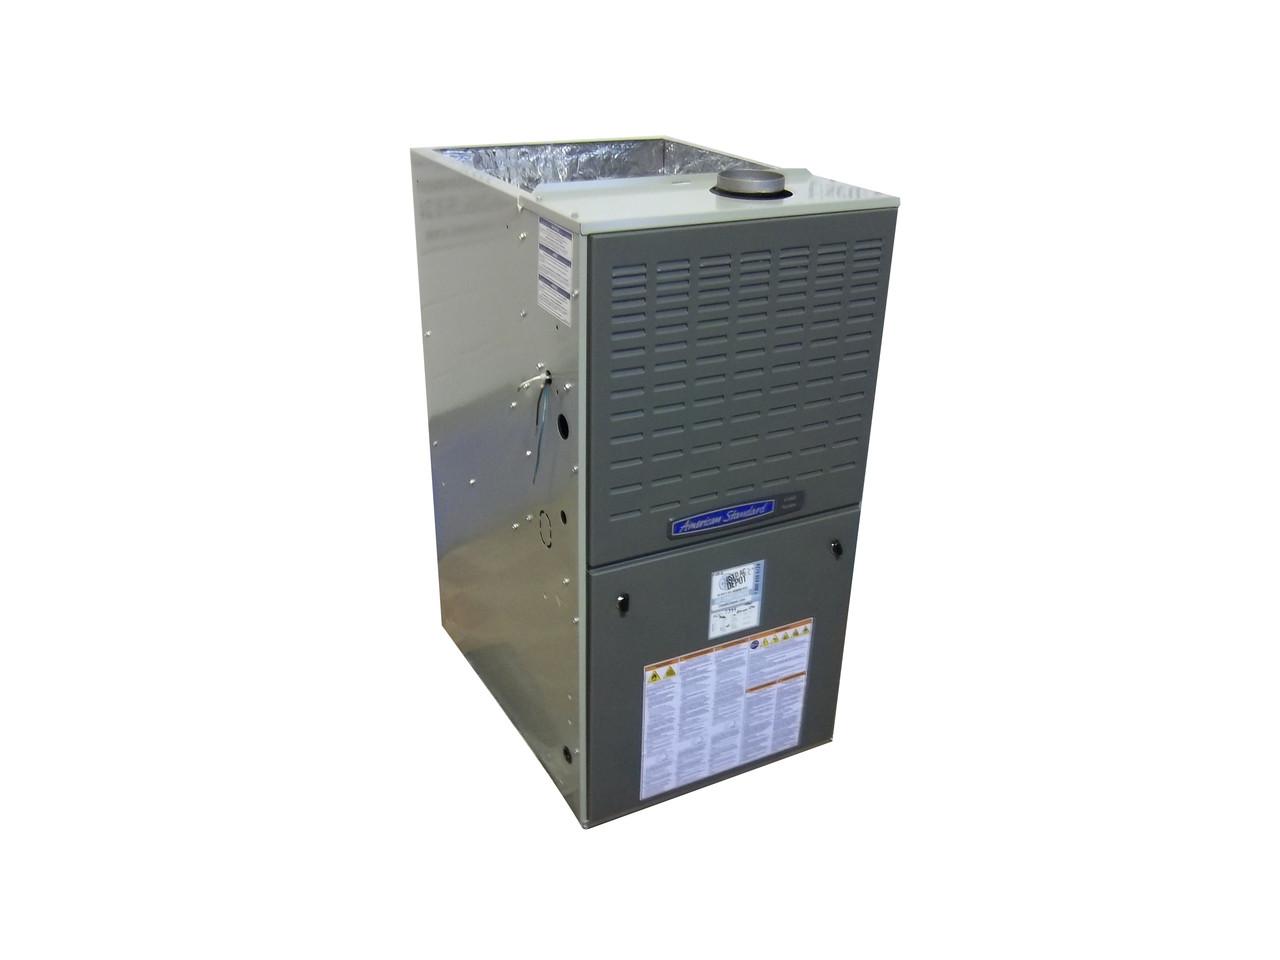 american standard furnace serial number